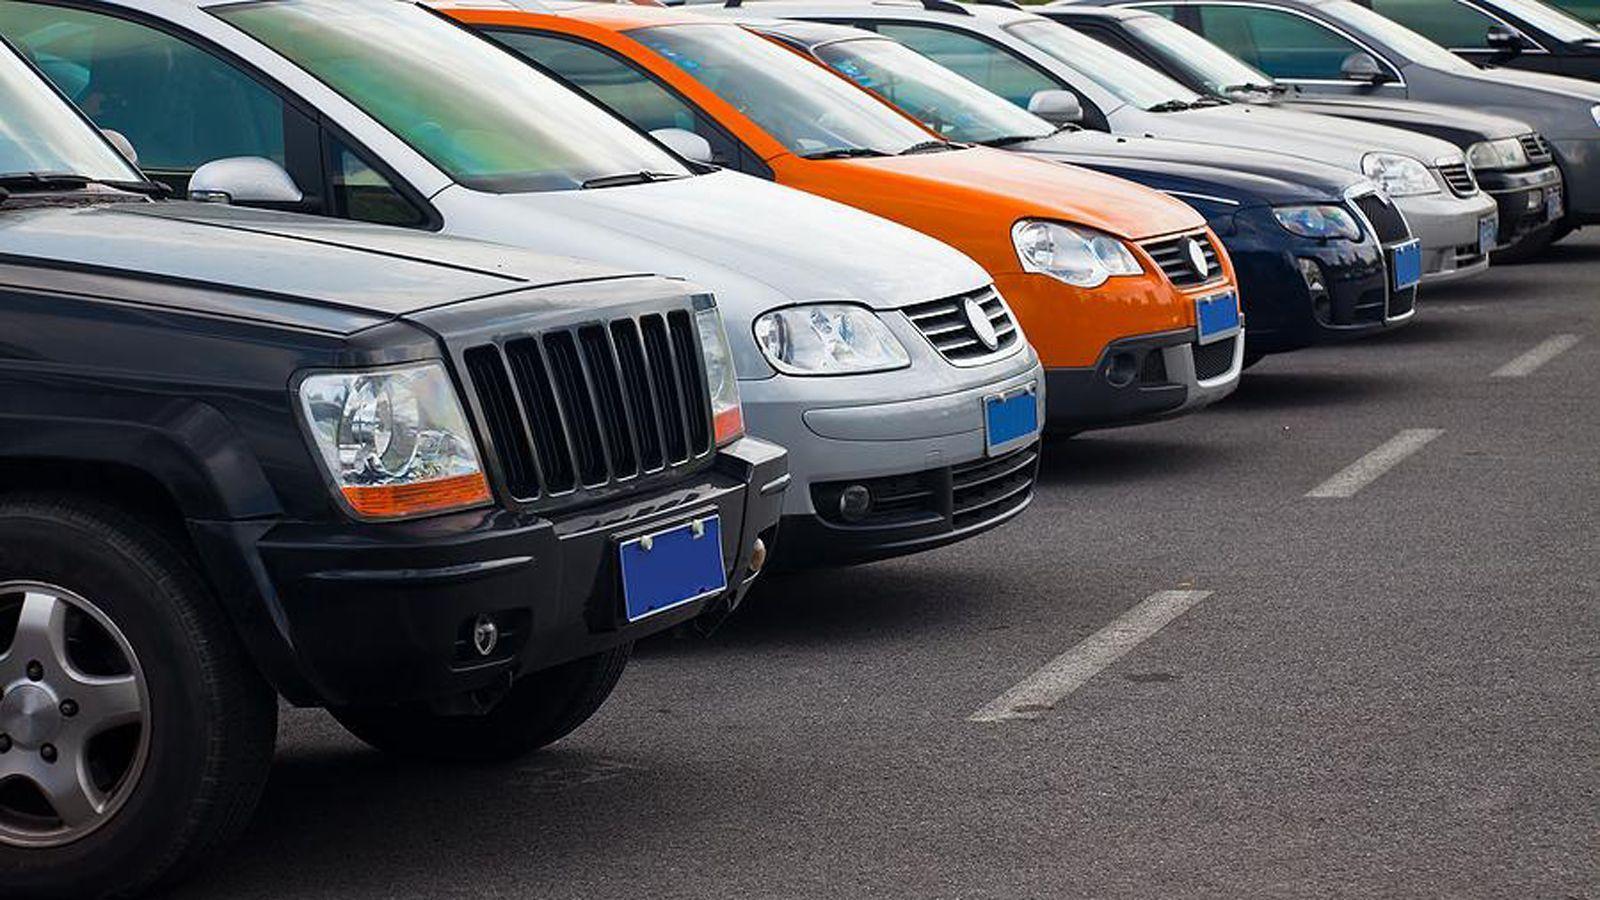 μεταχειρισμενα αυτοκινητα θεσσαλονικη